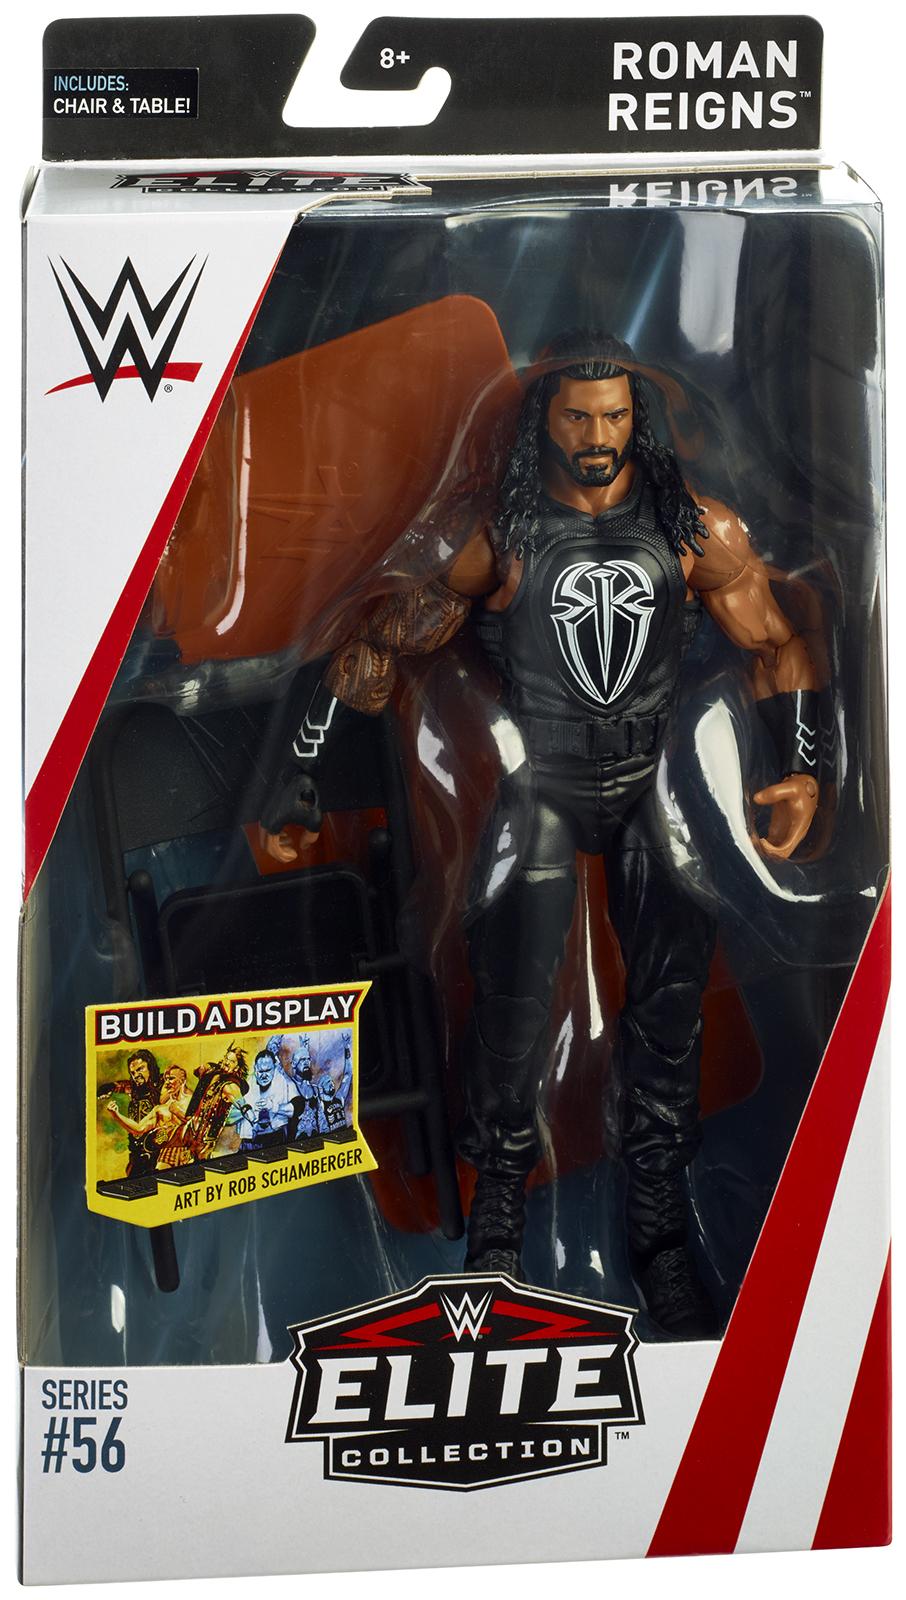 WWE Roman Reigns -  Elite 56 Toy Wrestling Action Figure PartNumber: A015516959 KsnValue: 1667289 MfgPartNumber: ELITE56-03